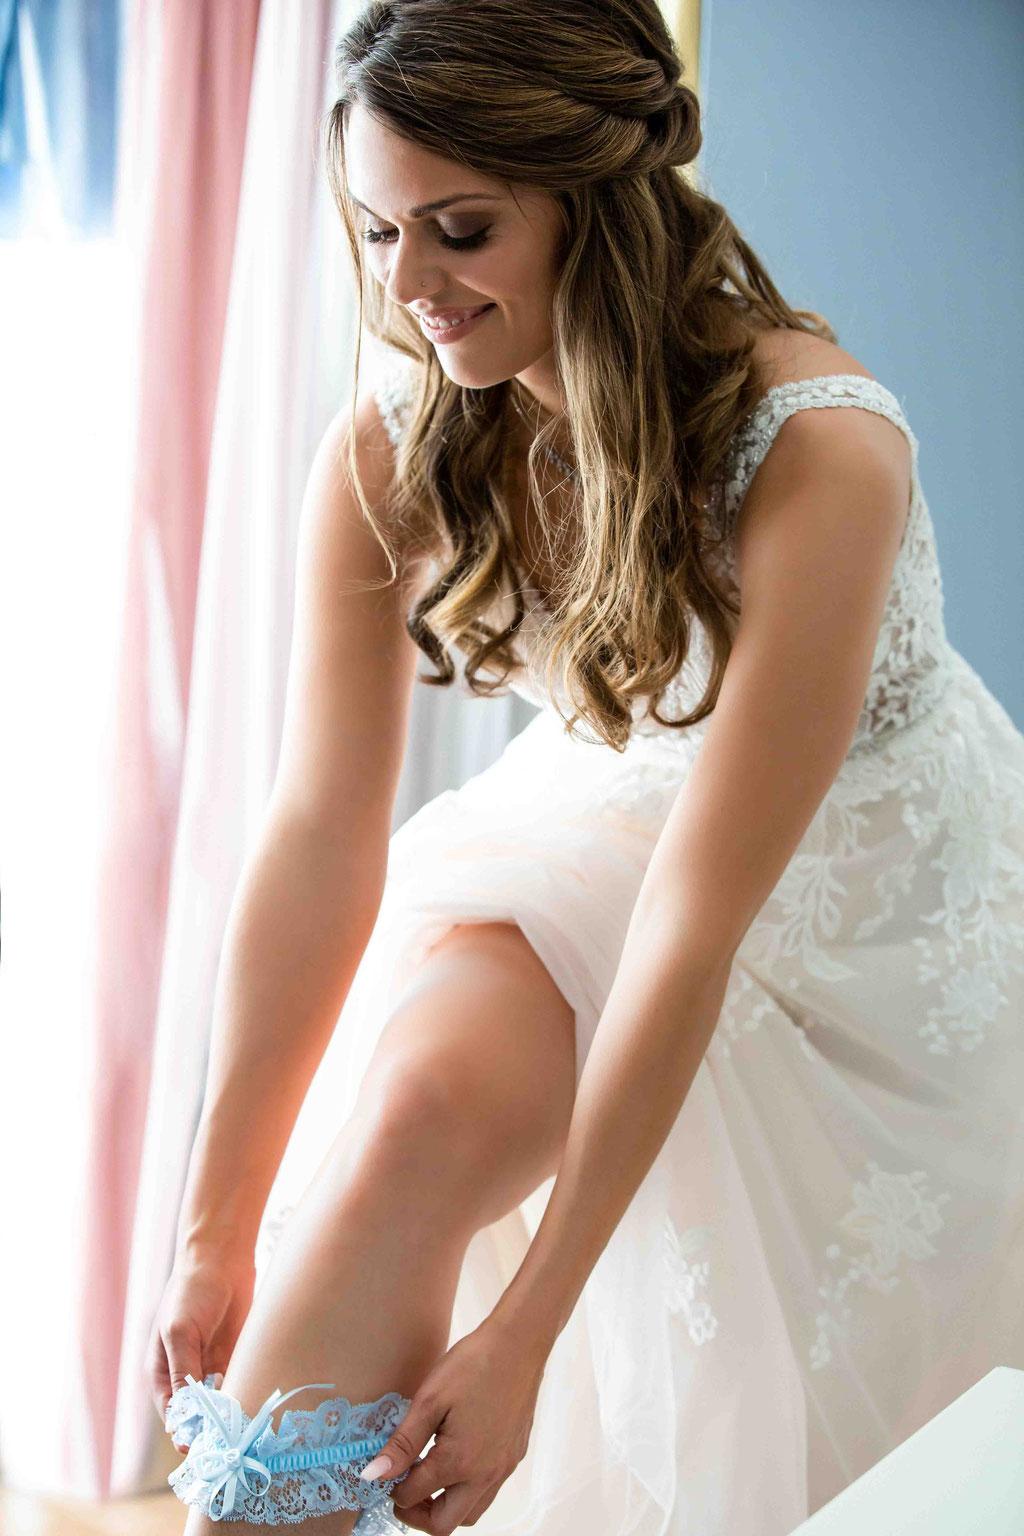 Brautschuh anziehen, elegante und außergewöhnliche Hochzeitsfotos